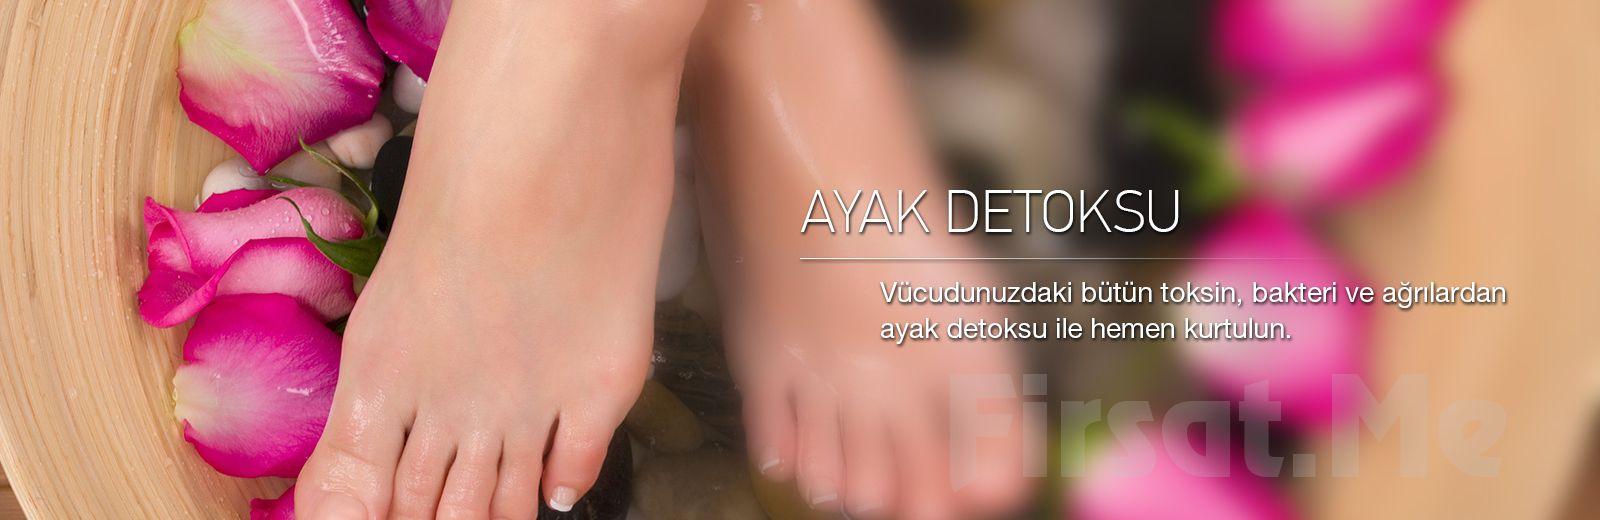 Bahçelievler Haseki Sultan Güzellik Merkezi'nde Ozon Sauna ve Ayak Detoks'undan oluşan Detoks Paketi!